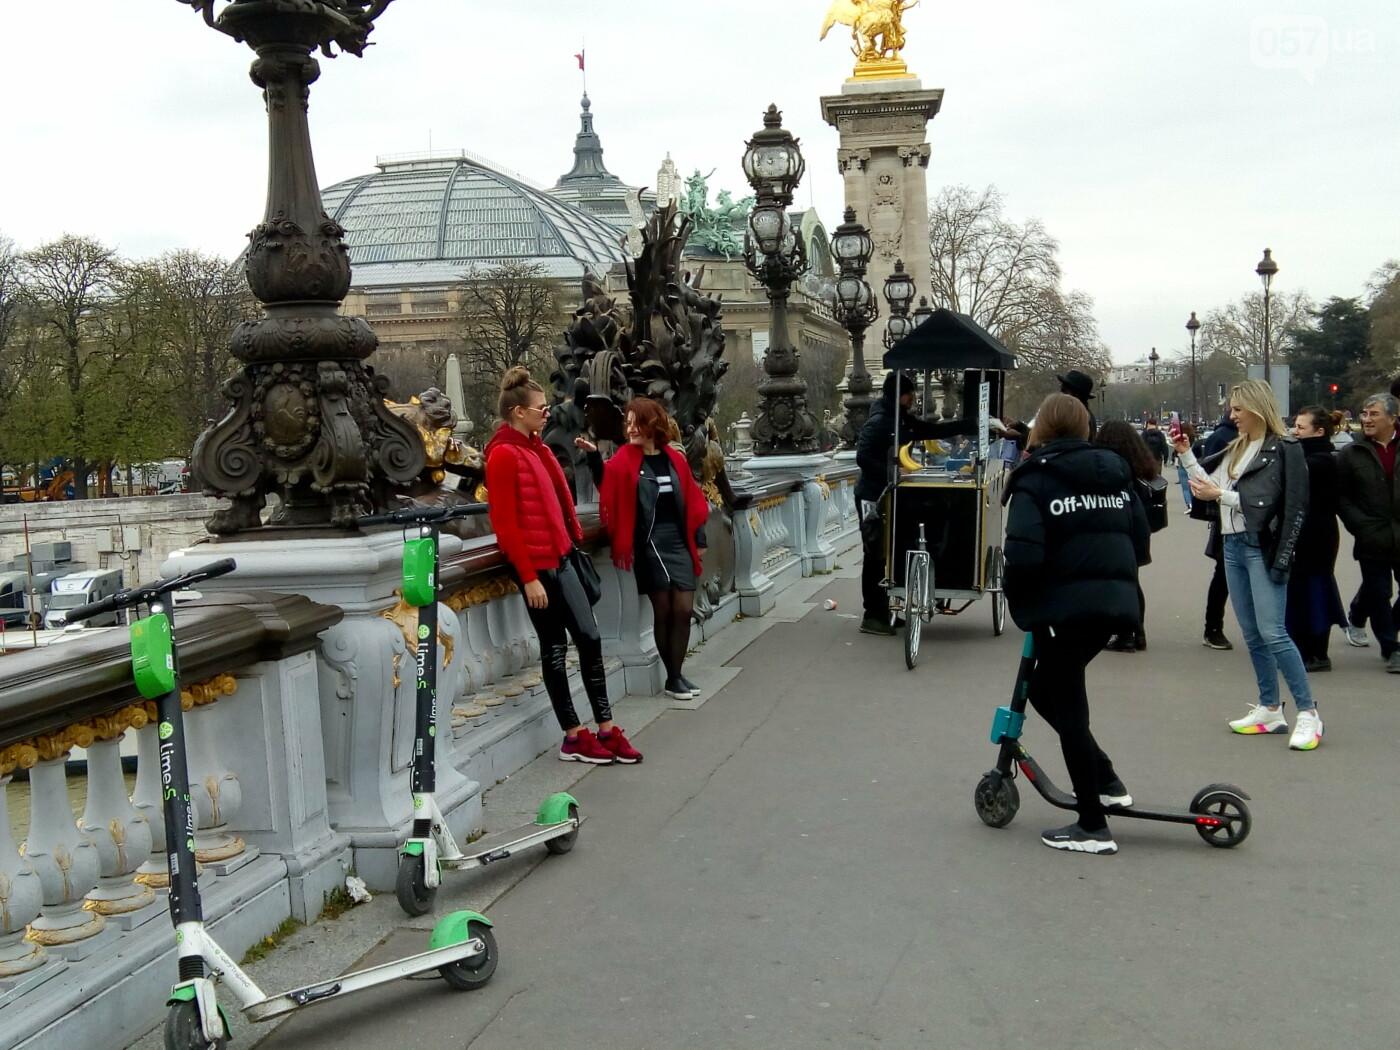 Из Харькова во Францию: уличные музыканты, протесты «желтых жилетов» и парижские катакомбы, - ФОТО, фото-51